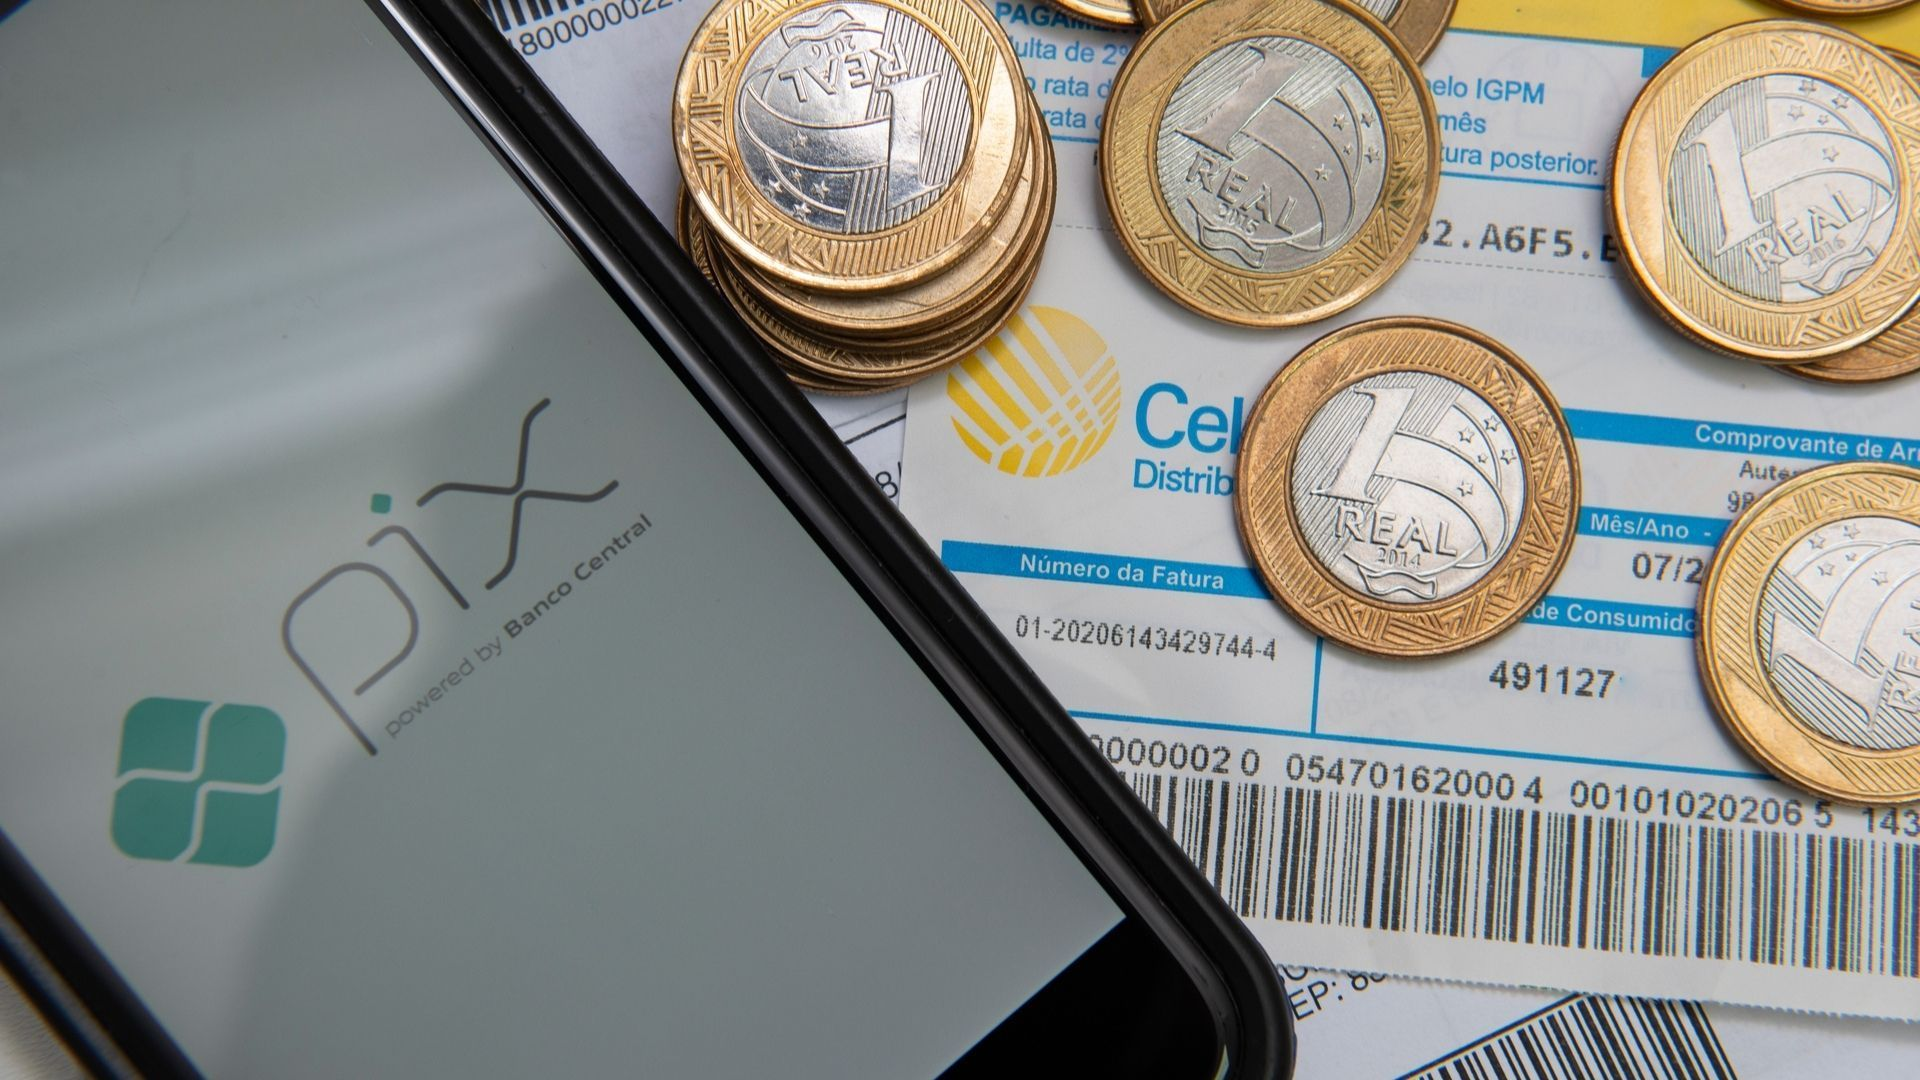 """Celular com os dizeres """"Pix"""" na tela, ao lado de moedas de um real e em cima de boletos bancários"""